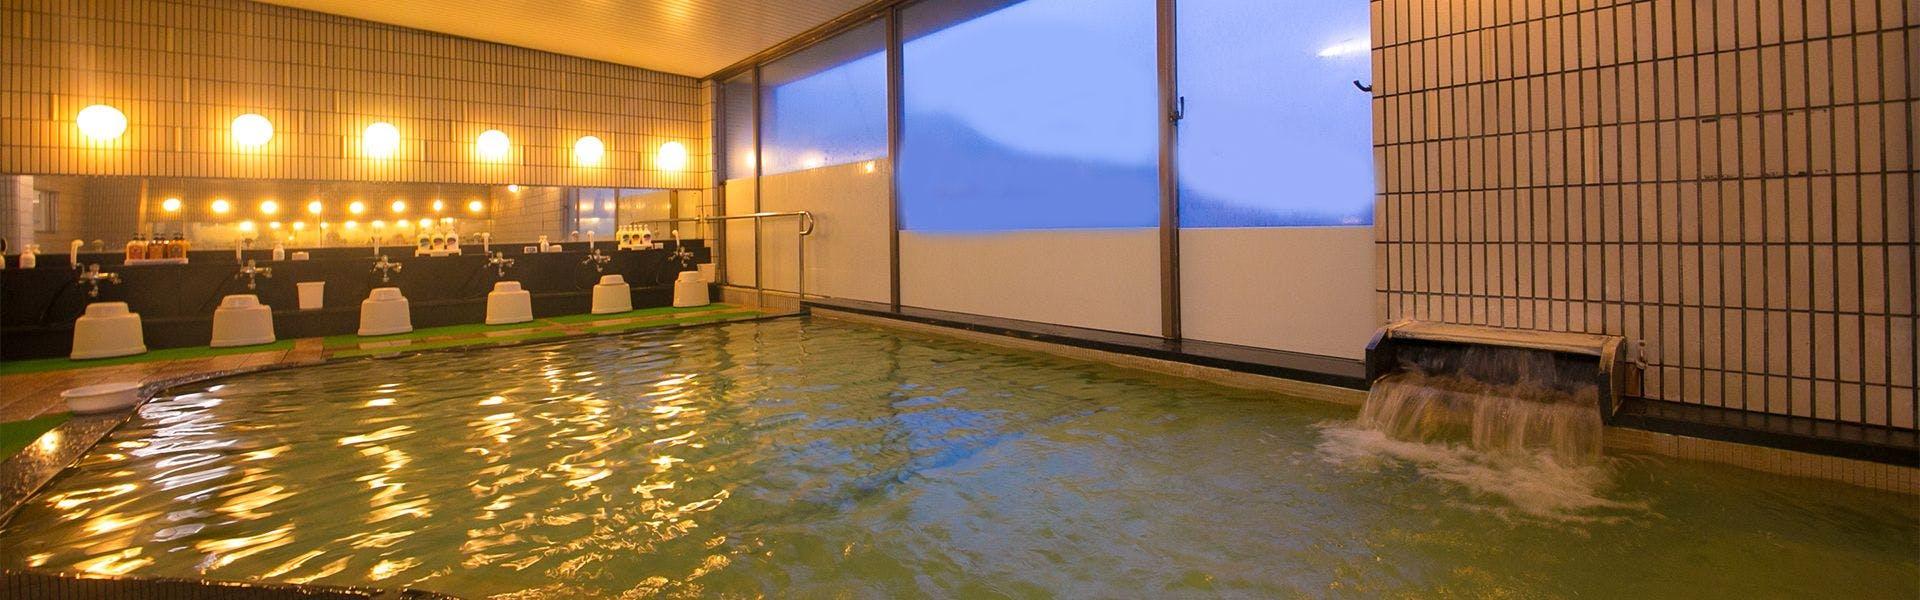 記念日におすすめのホテル・【アクティブリゾーツ 福岡八幡 -DAIWA ROYAL HOTEL-】の写真3